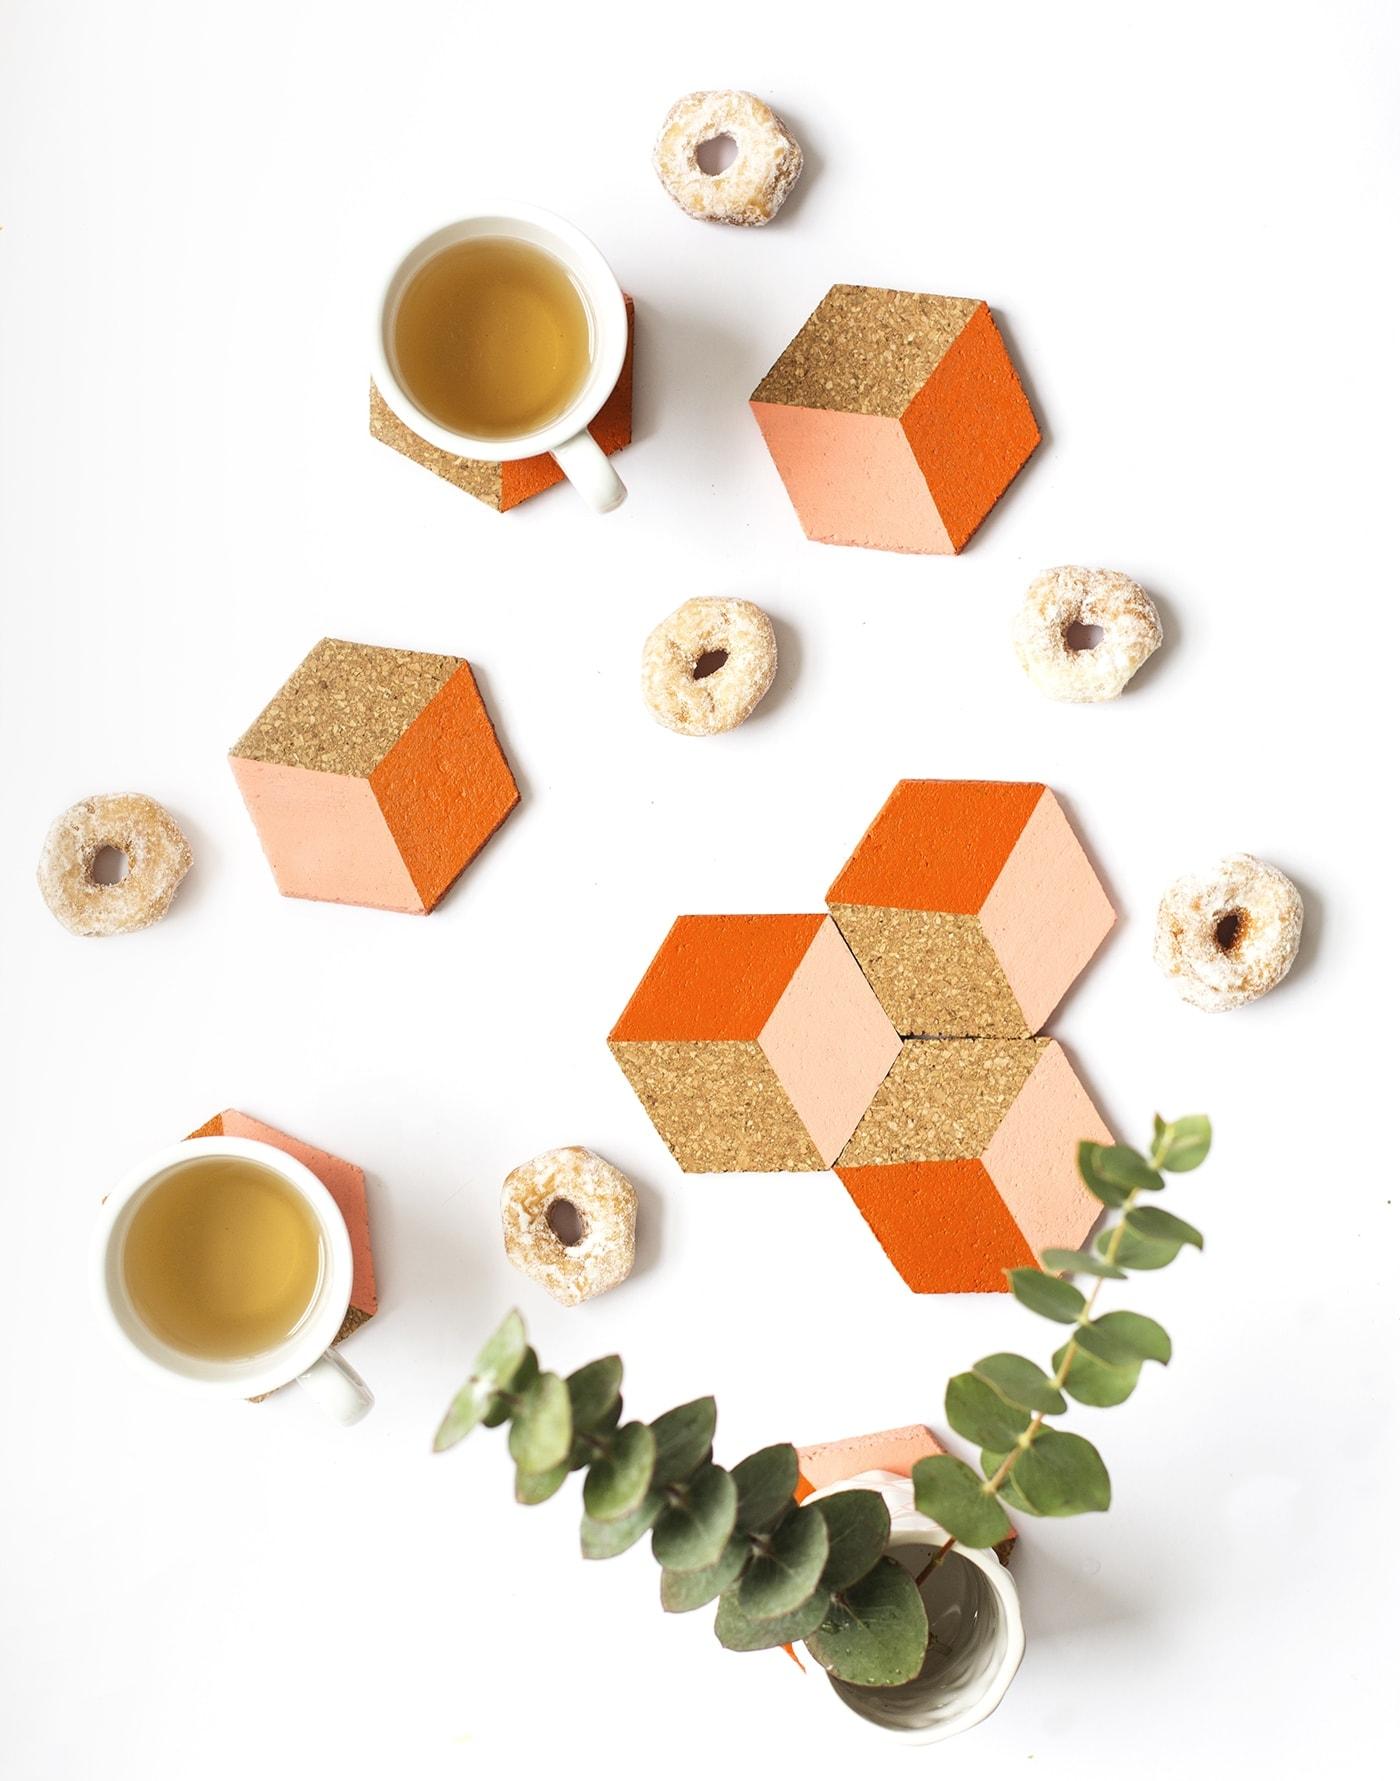 DIY geometric coaster idea | an easy Christmas gift